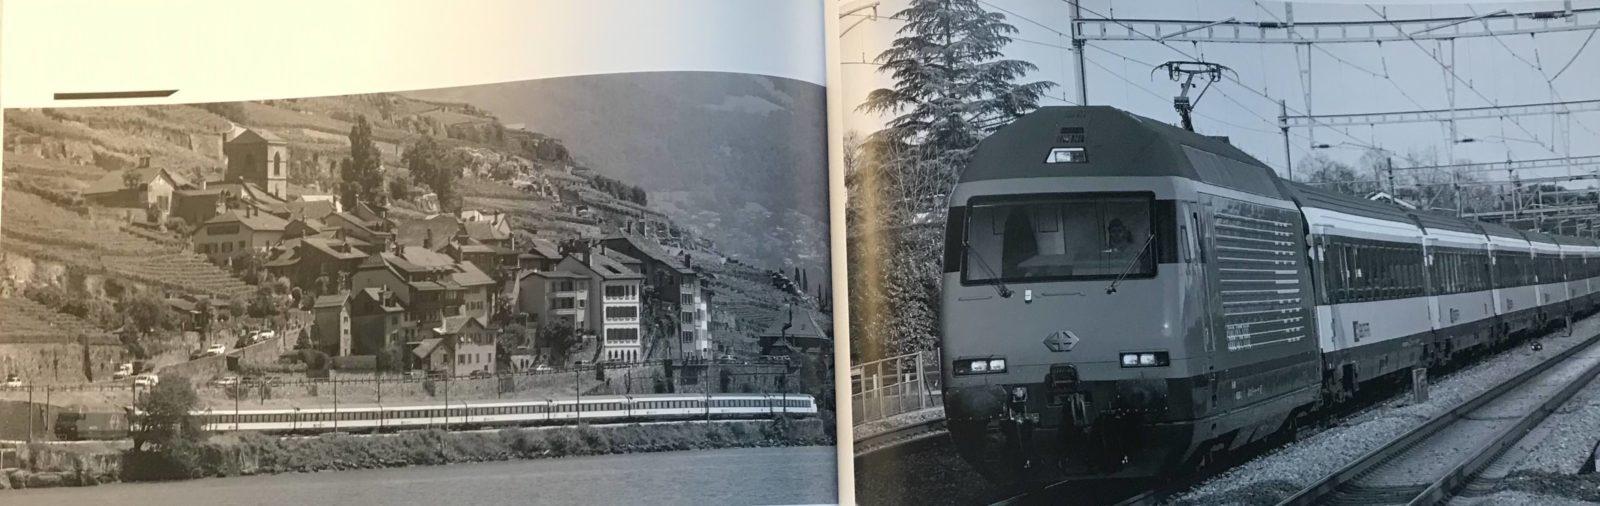 Locomotive RE 460, Les légendaires locomotives électriques suisses